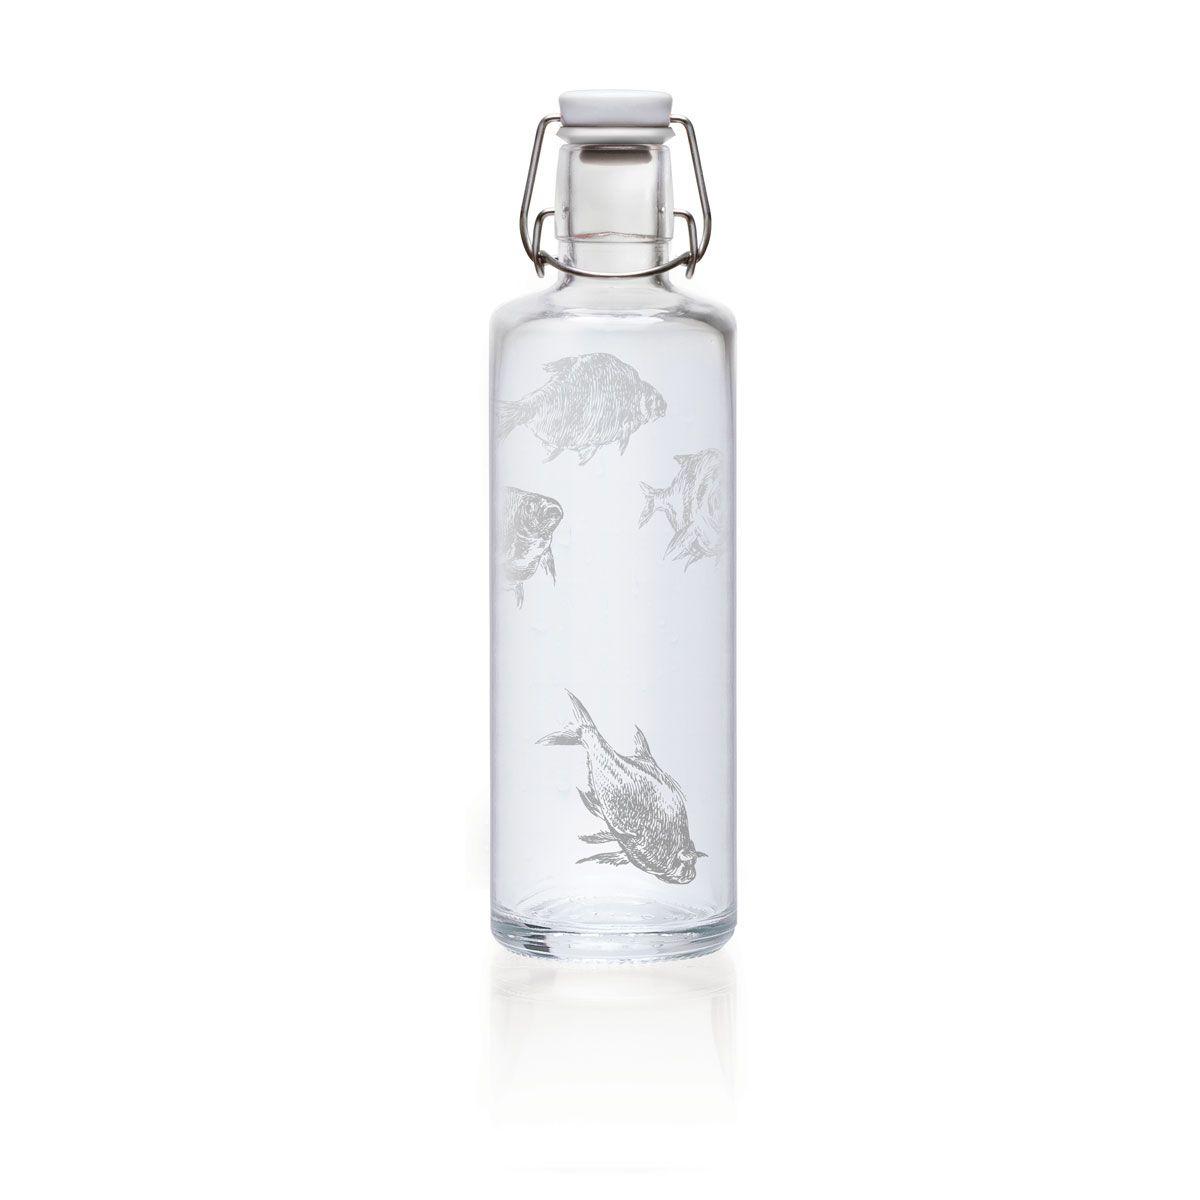 Soulbottles Soulbottle Silberfische 1 Liter Trinkflasche Aus Glas 37 90 Eur Mit Bildern Trinkflasche Aus Glas Soulbottle Flaschen